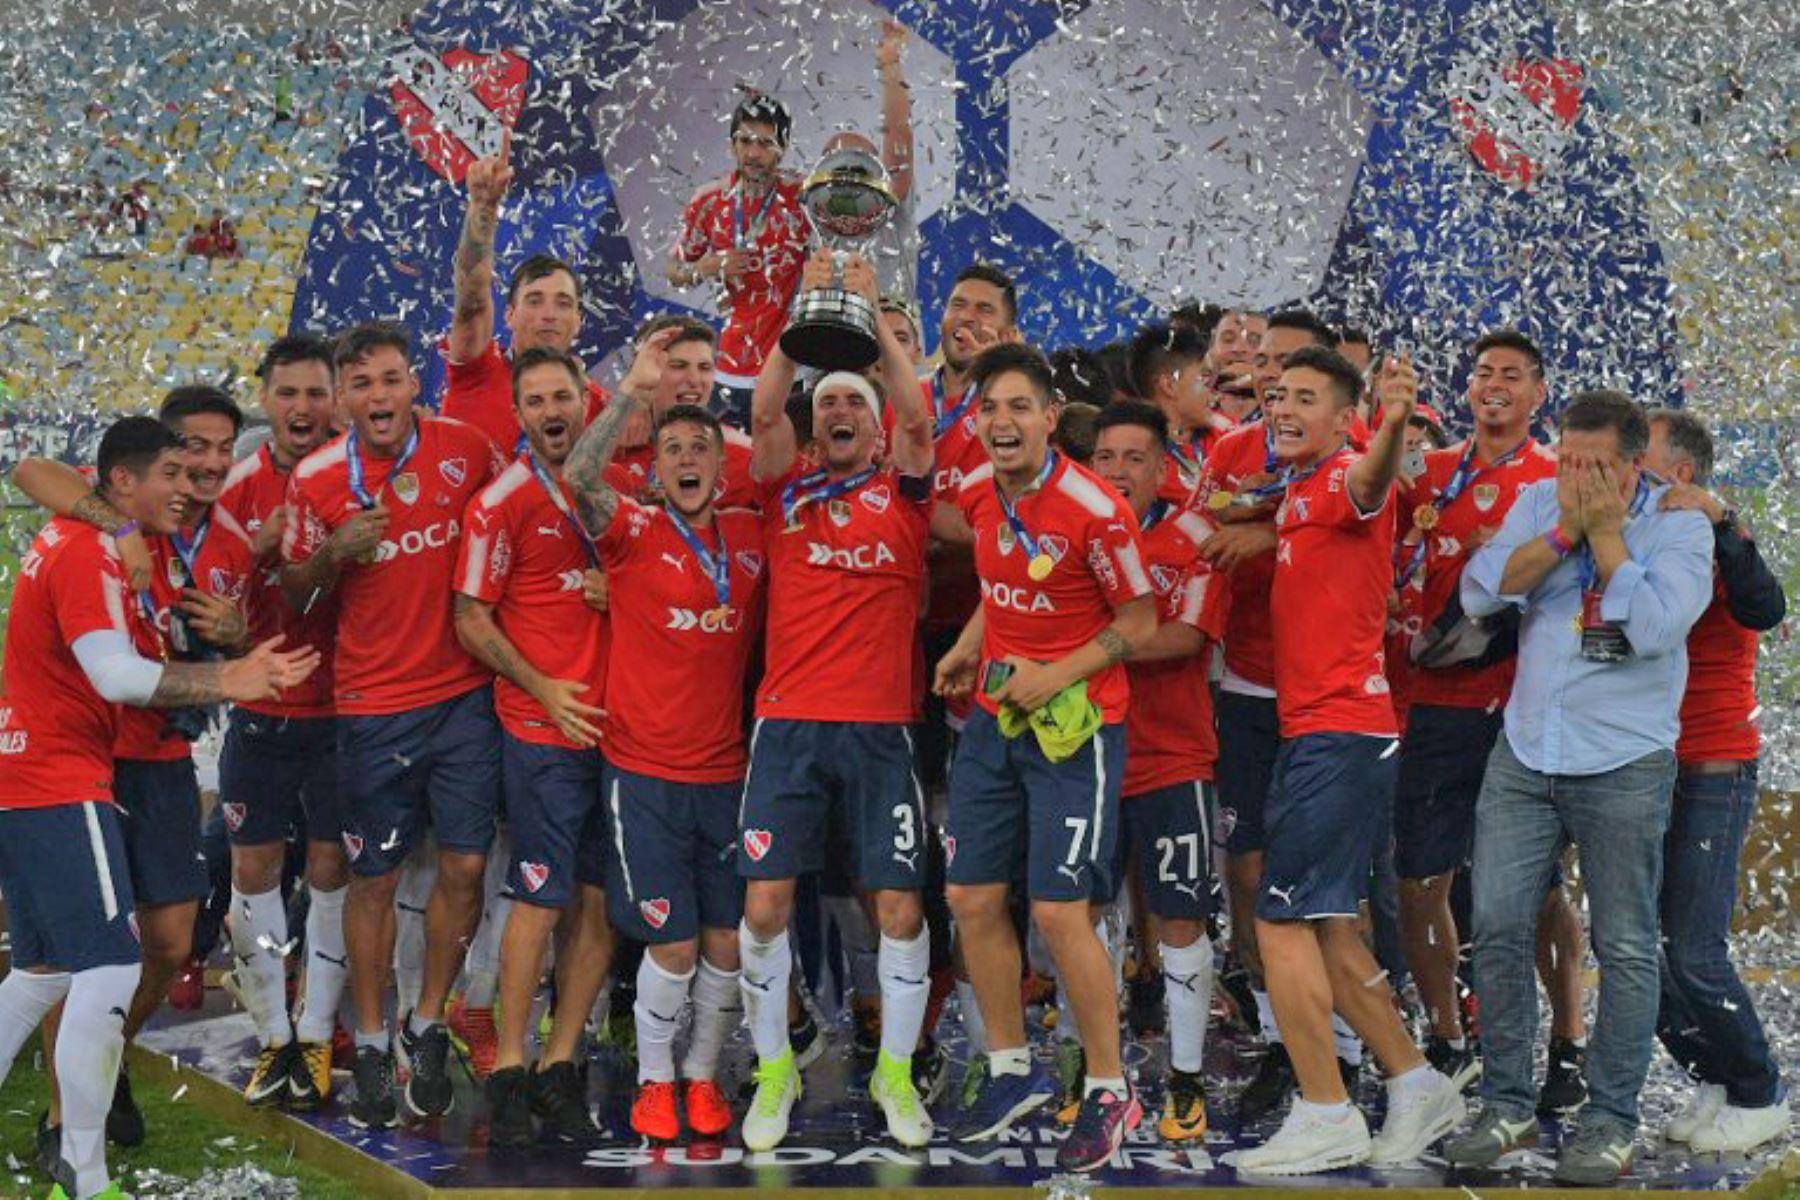 Jugadores argentinos del Independiente ganan la final de la Copa Sudamericana 2017 contra el Flamengo de Brasil. Foto: AFP